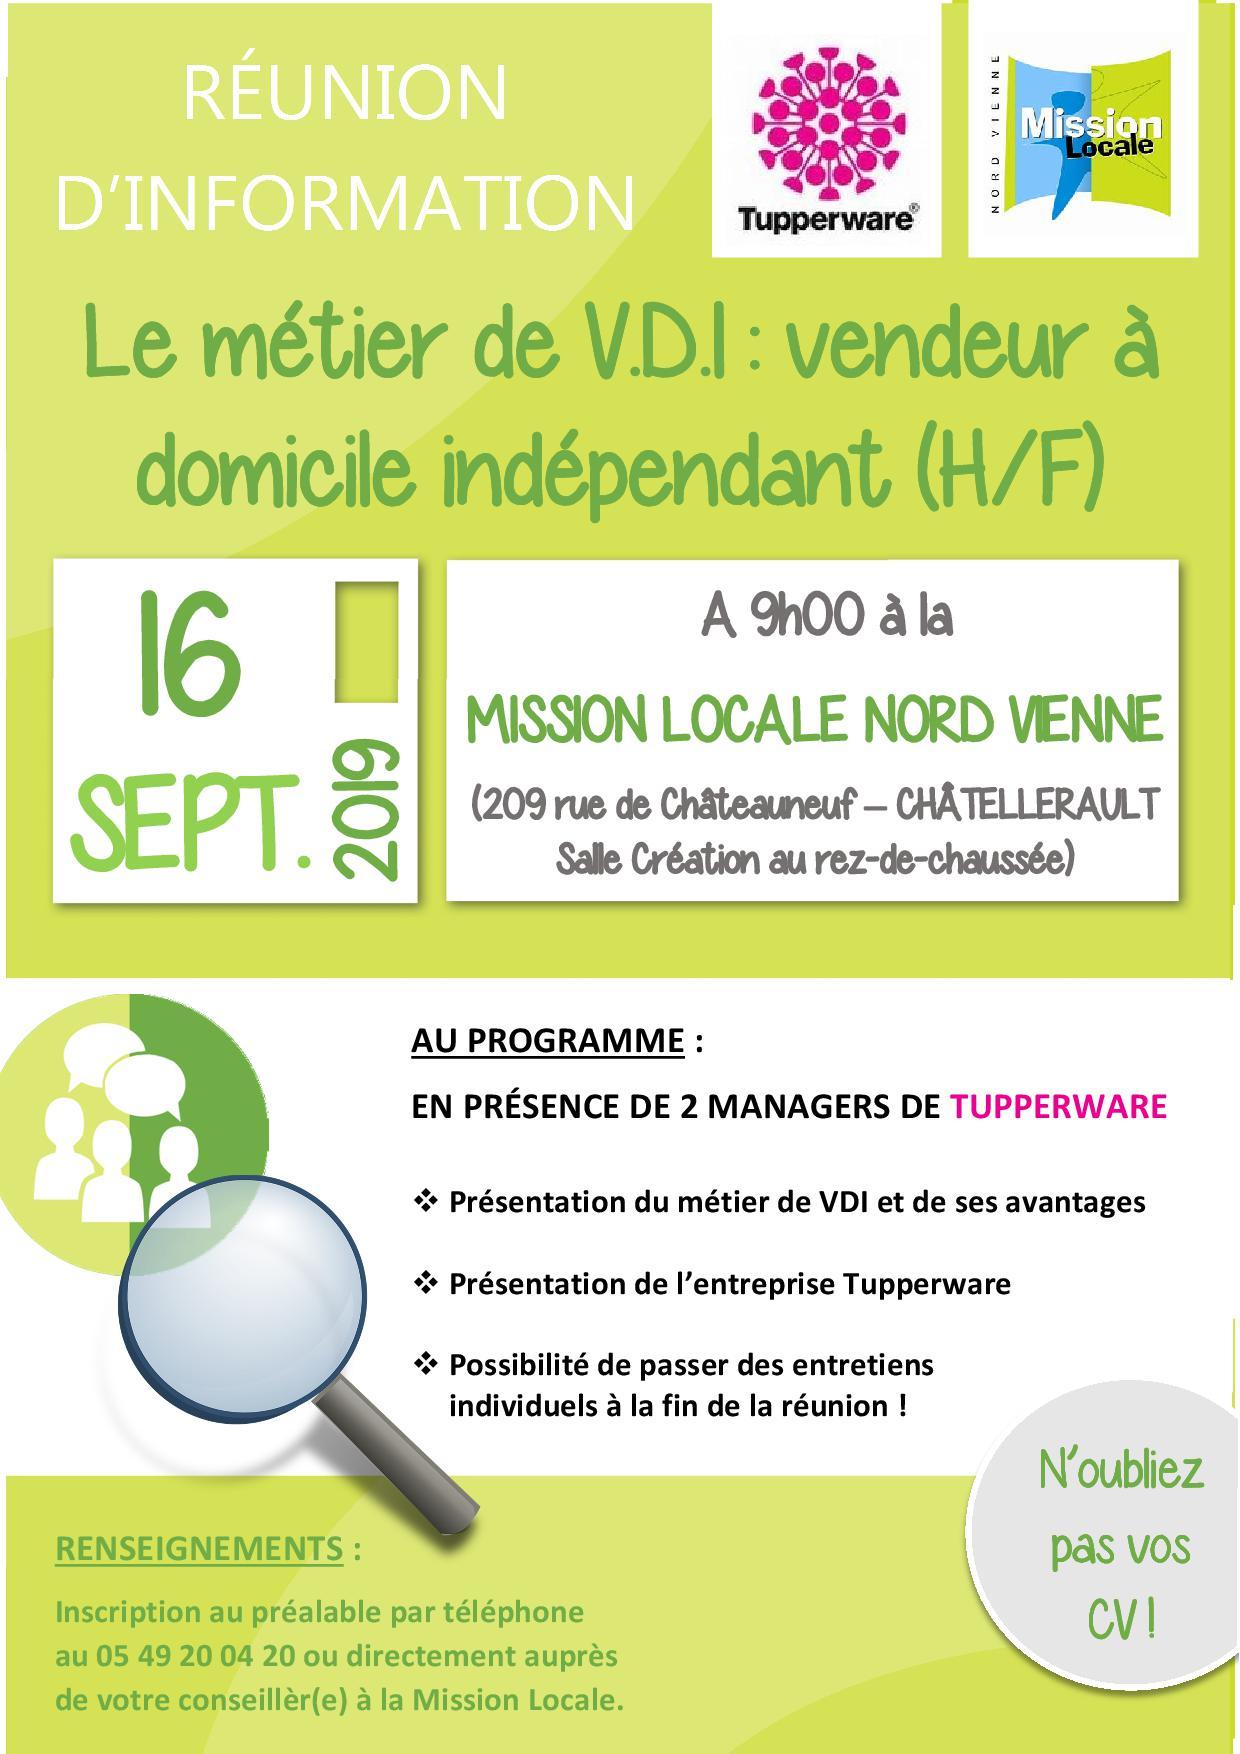 RÉUNION D'INFORMATION : Le métier de V.D.I (H/F) – 16 septembre 2019